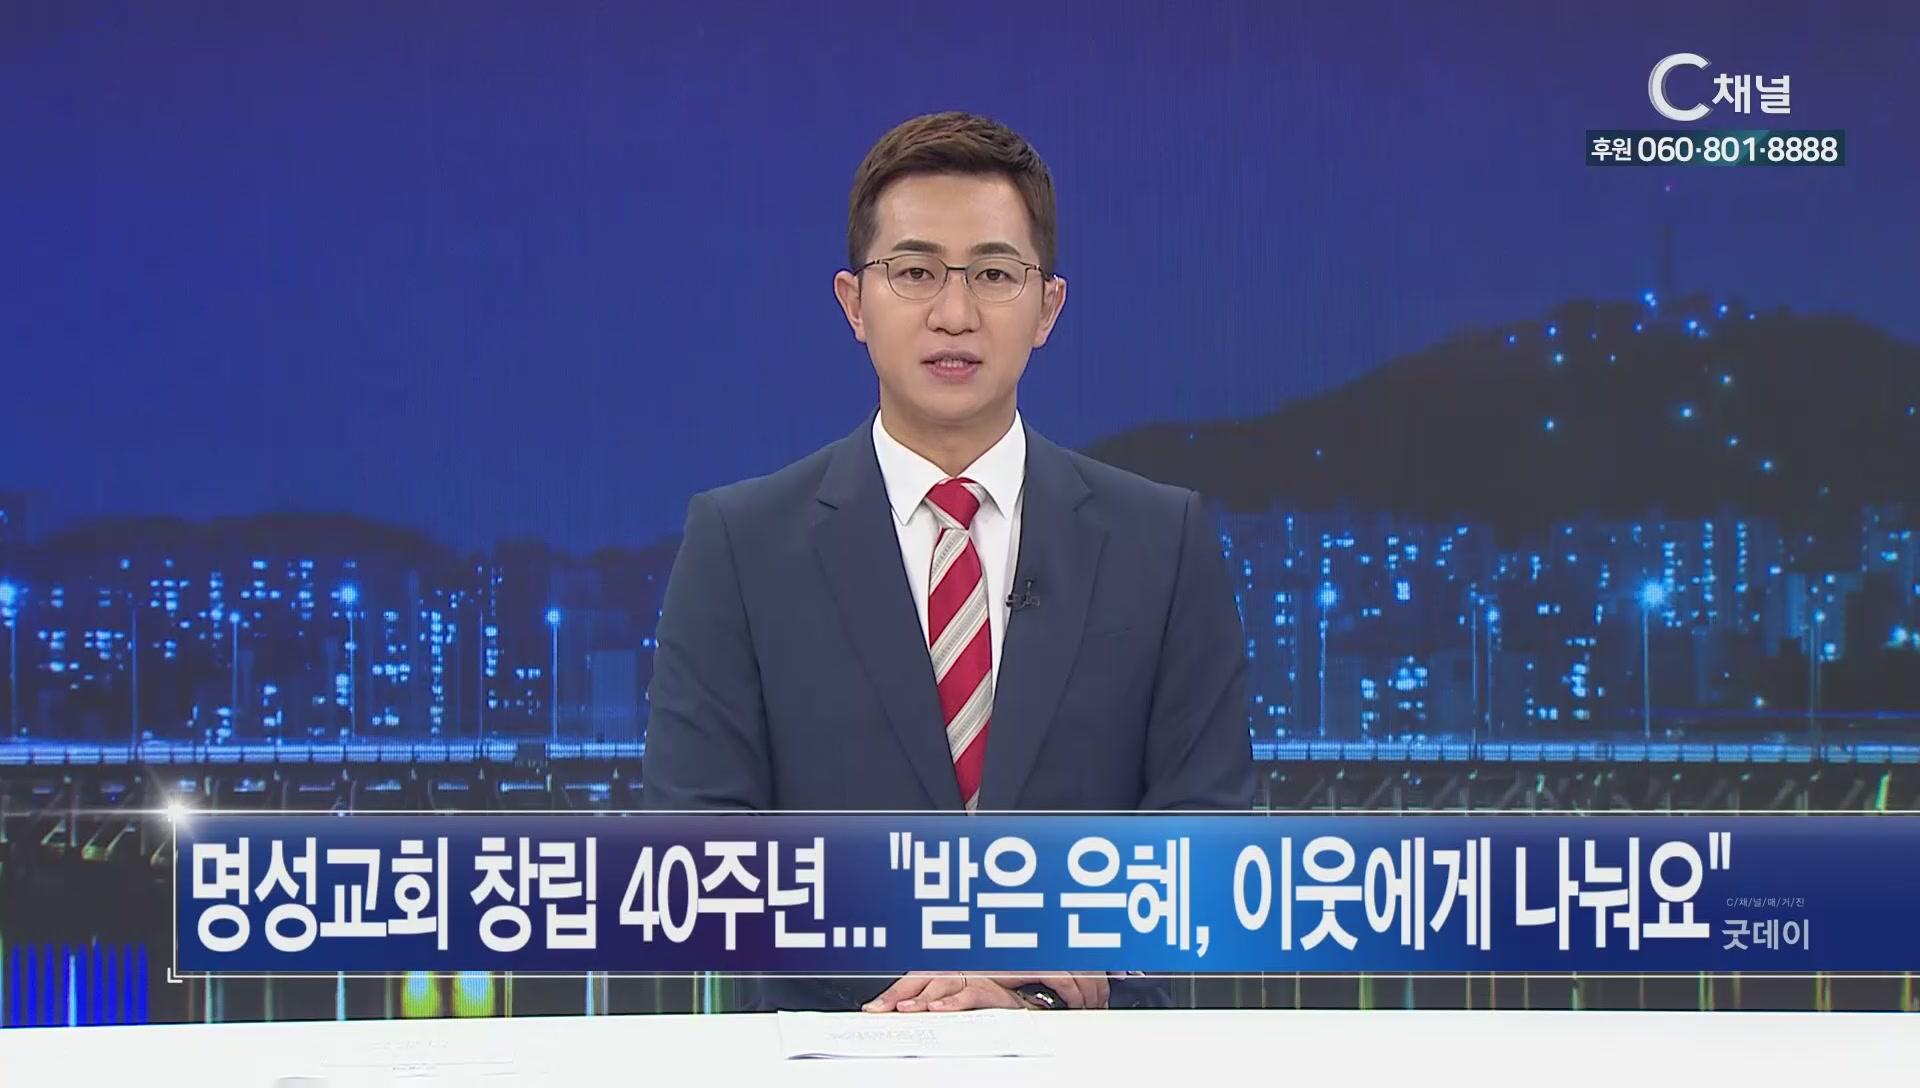 C채널 매거진 굿데이 2020년 07월 06일 C채널 뉴스